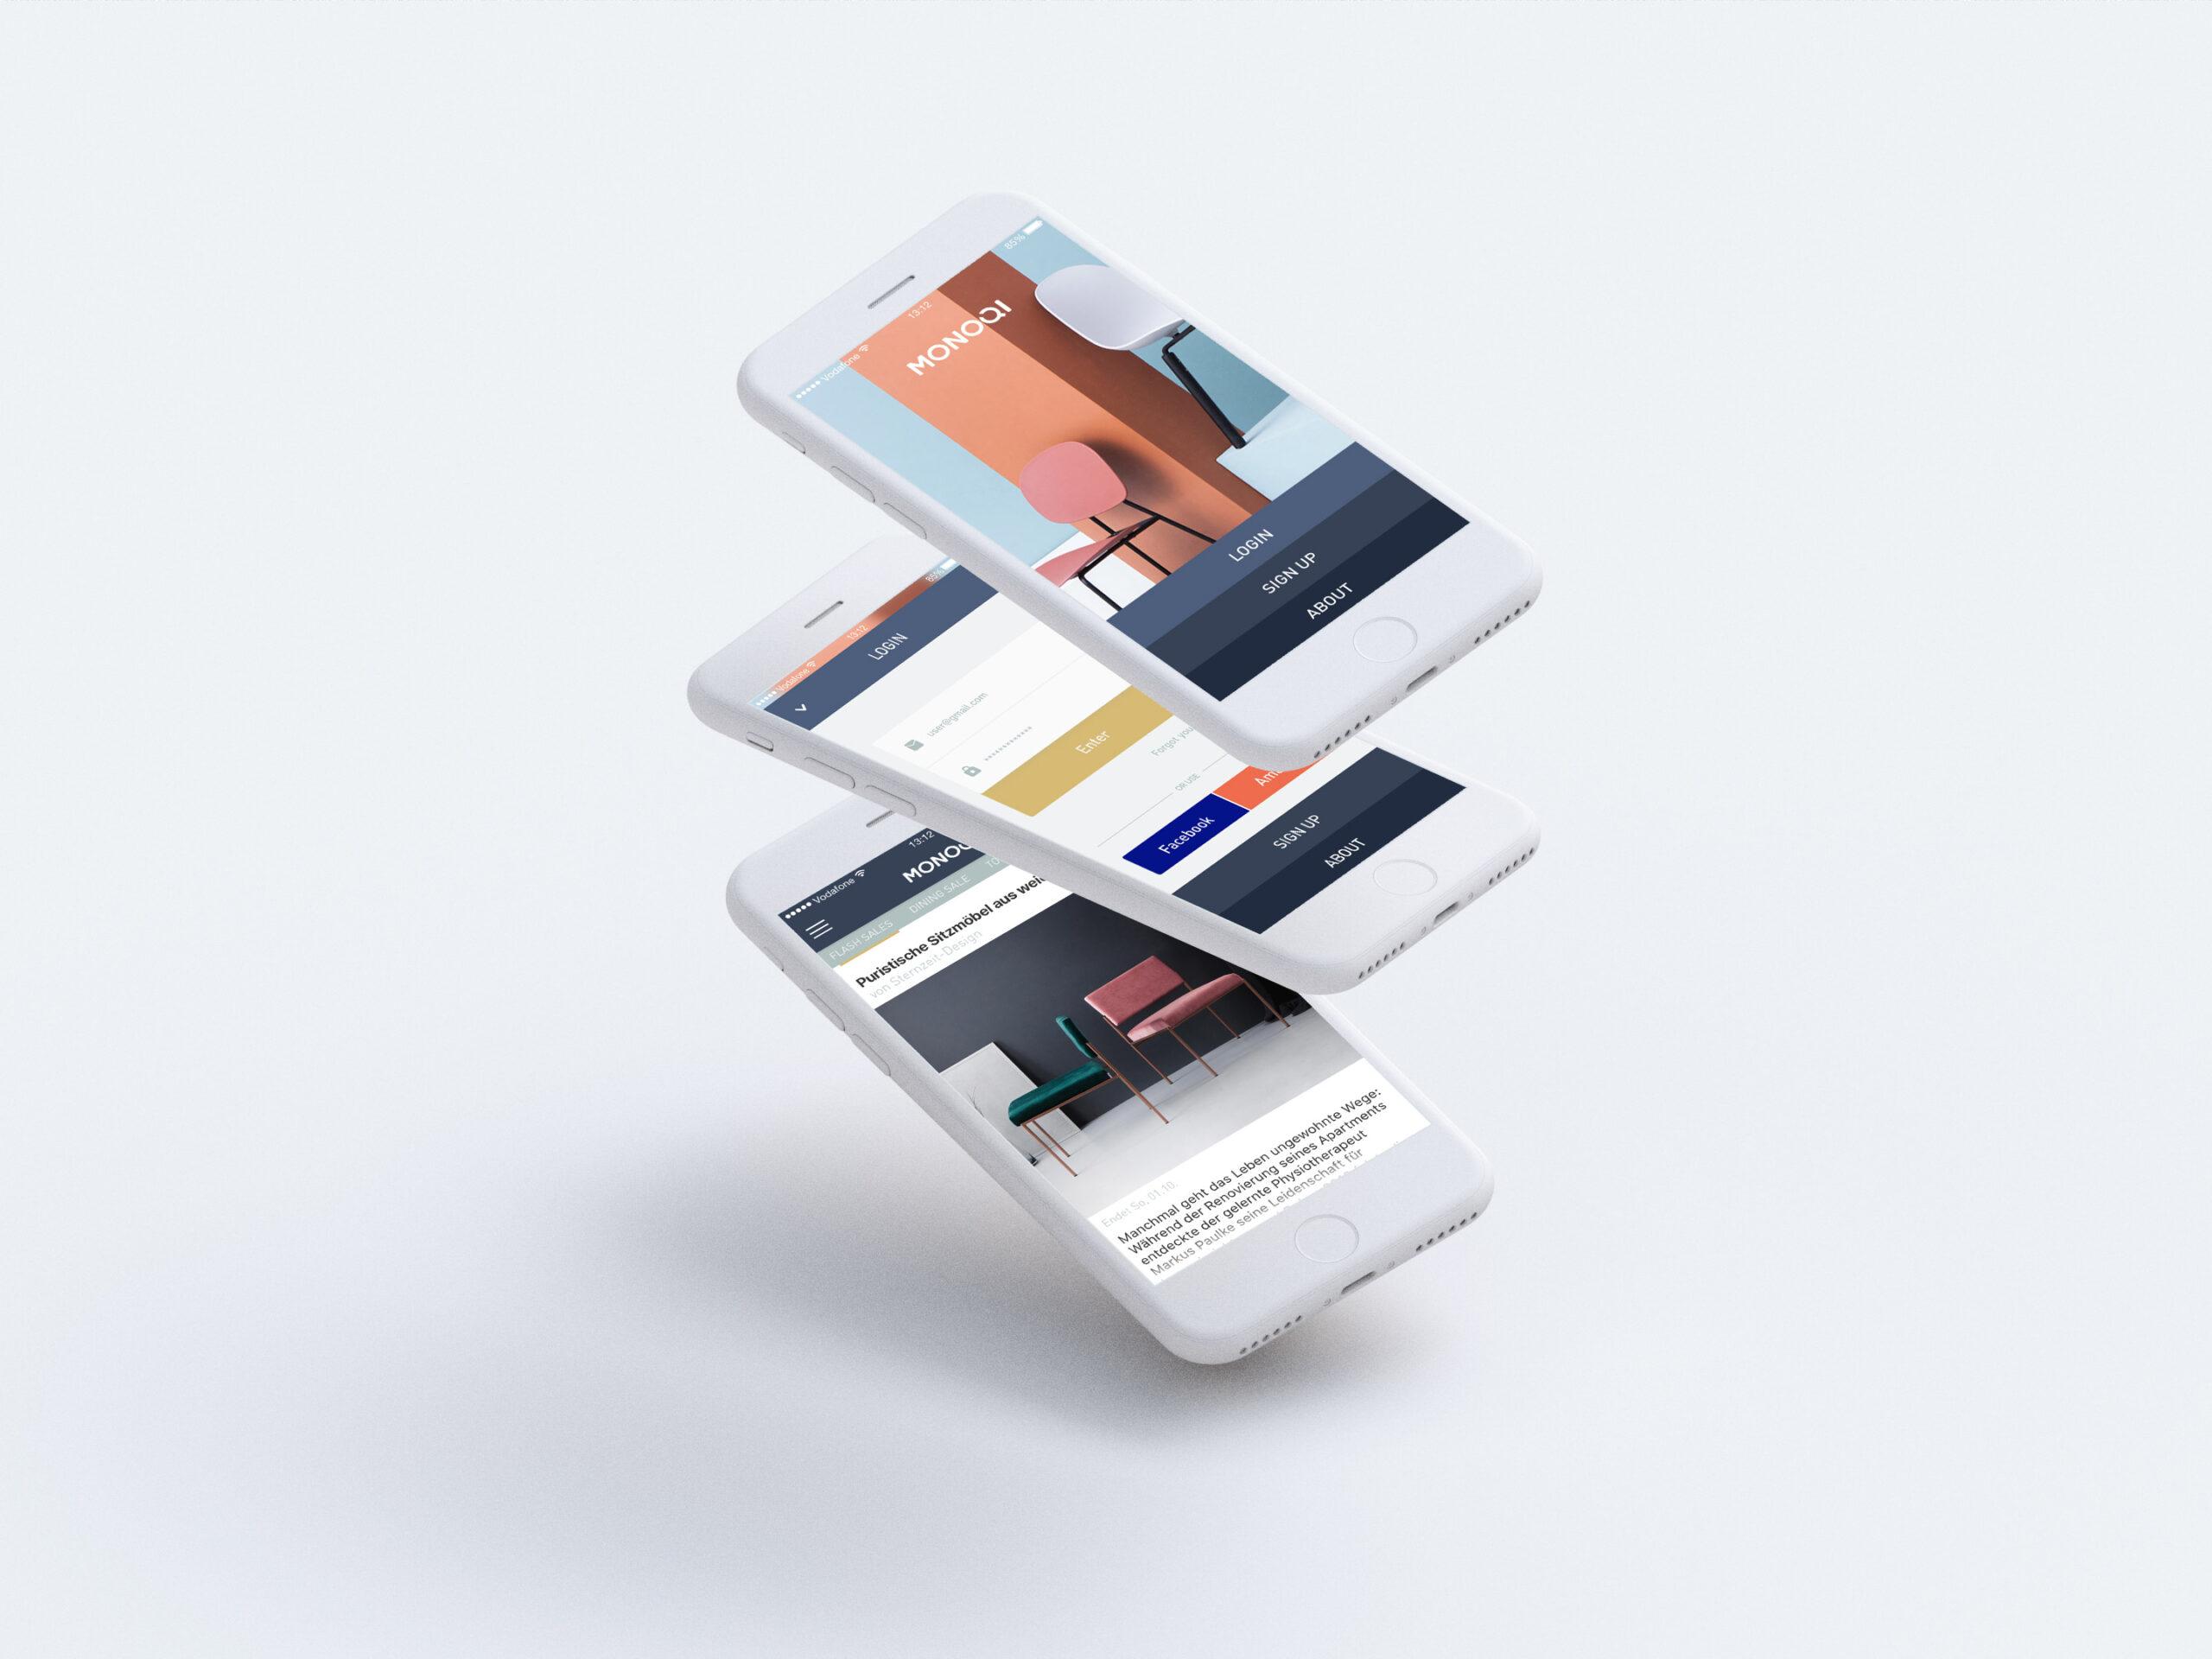 Monoqi iOS App Cover Image